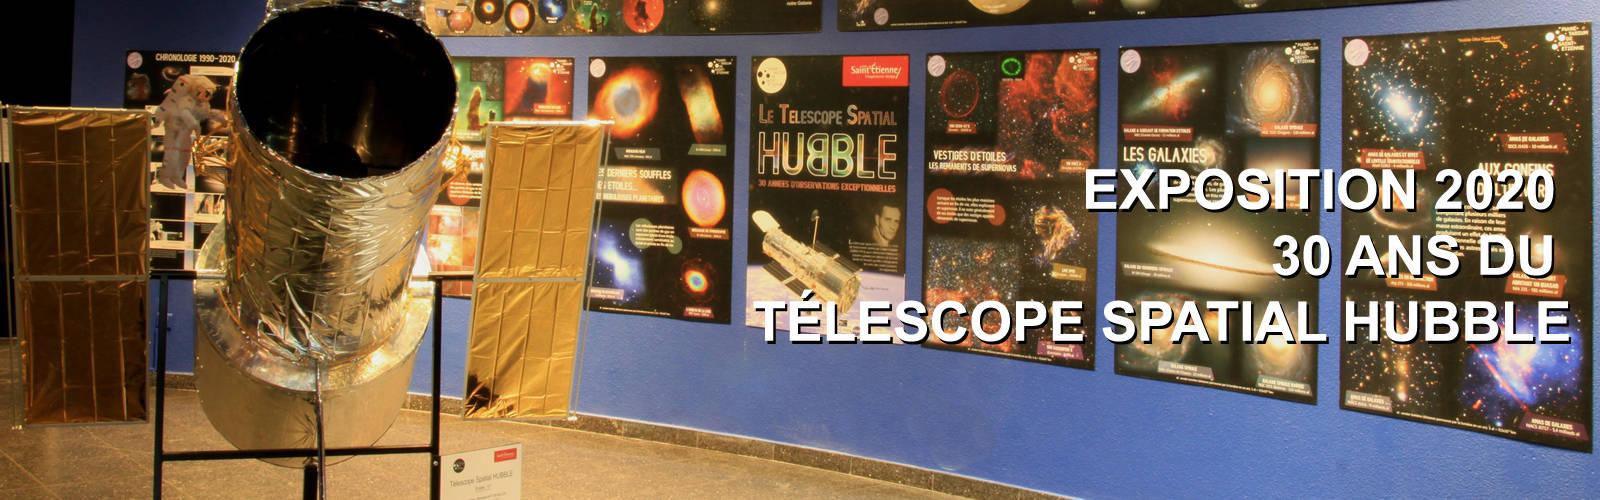 Exposition 2020, le télescope spatial Hubble